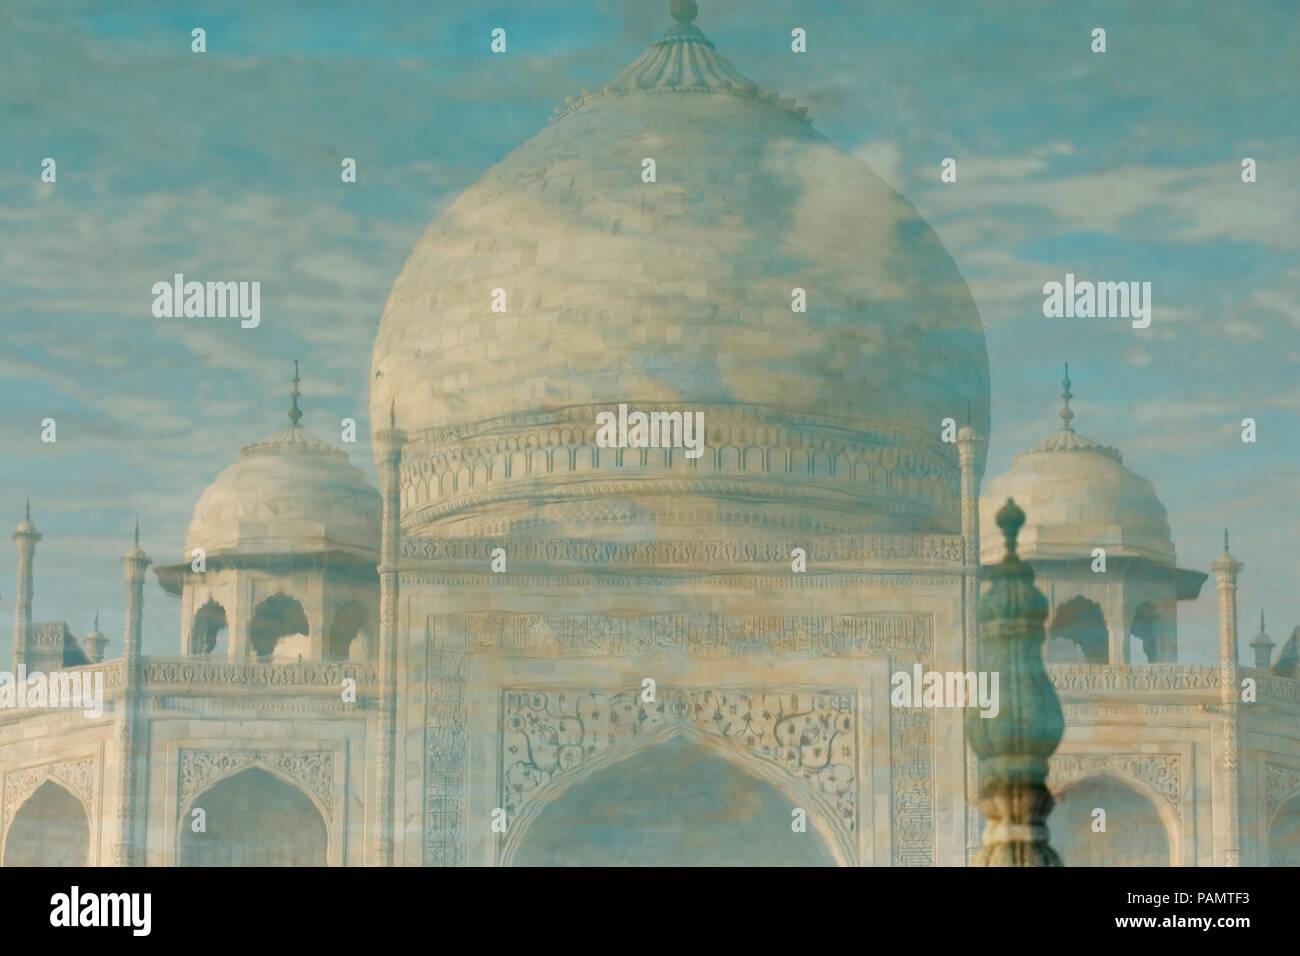 Taj Mahal reflection in acqua a Agra un Sito Patrimonio Mondiale dell'UNESCO, un monumento di amore, di Agra, Uttar Pradesh, India. Immagini Stock